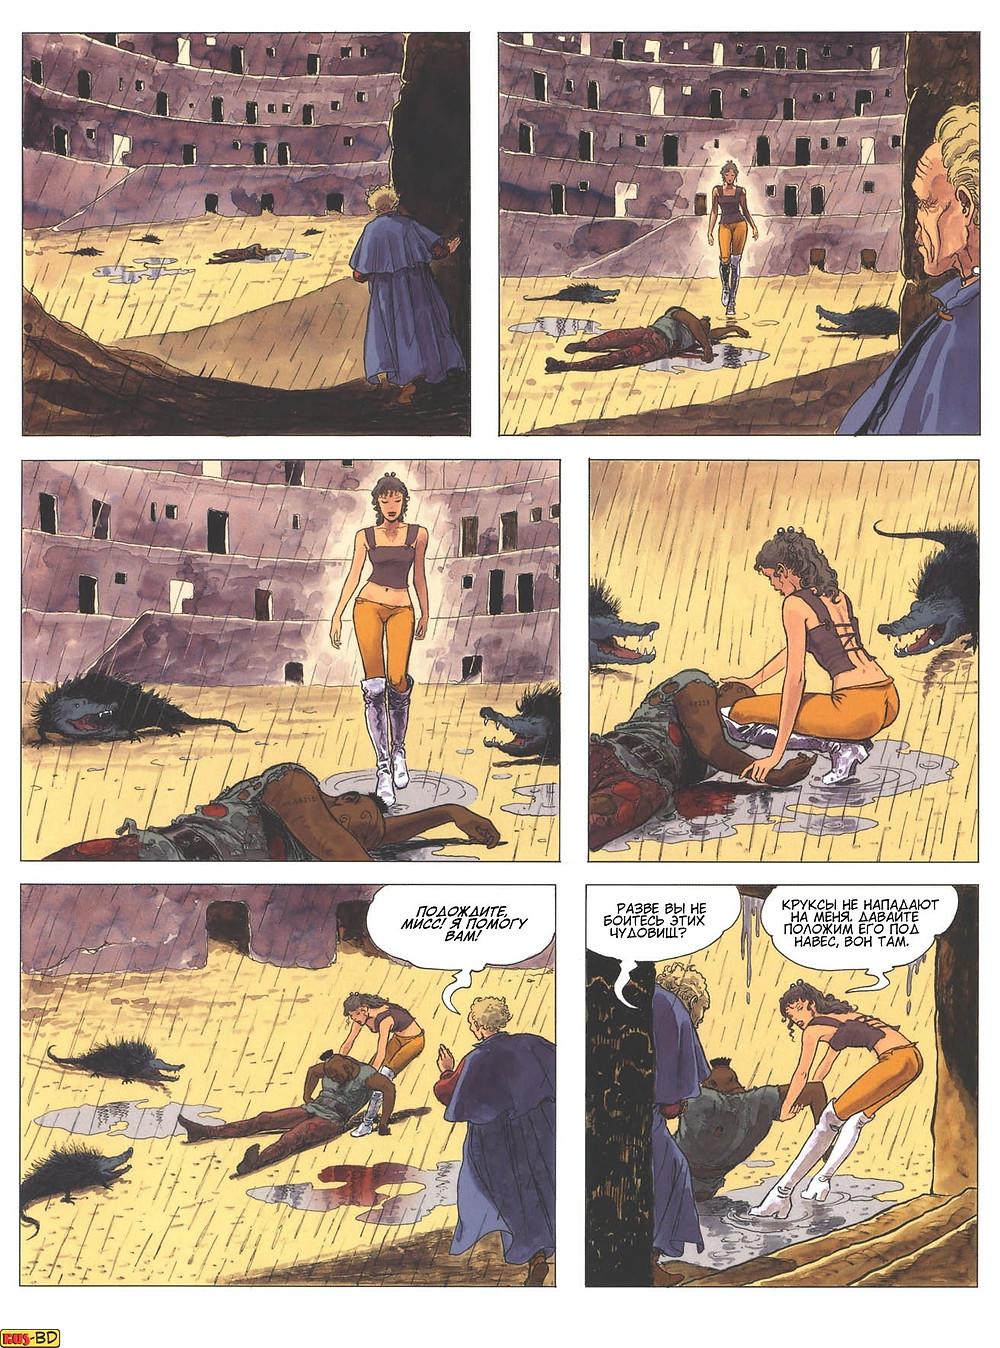 Эротический комикс на русском. Мило Манара. Пиранезе - планета тюрьма. Страница 15